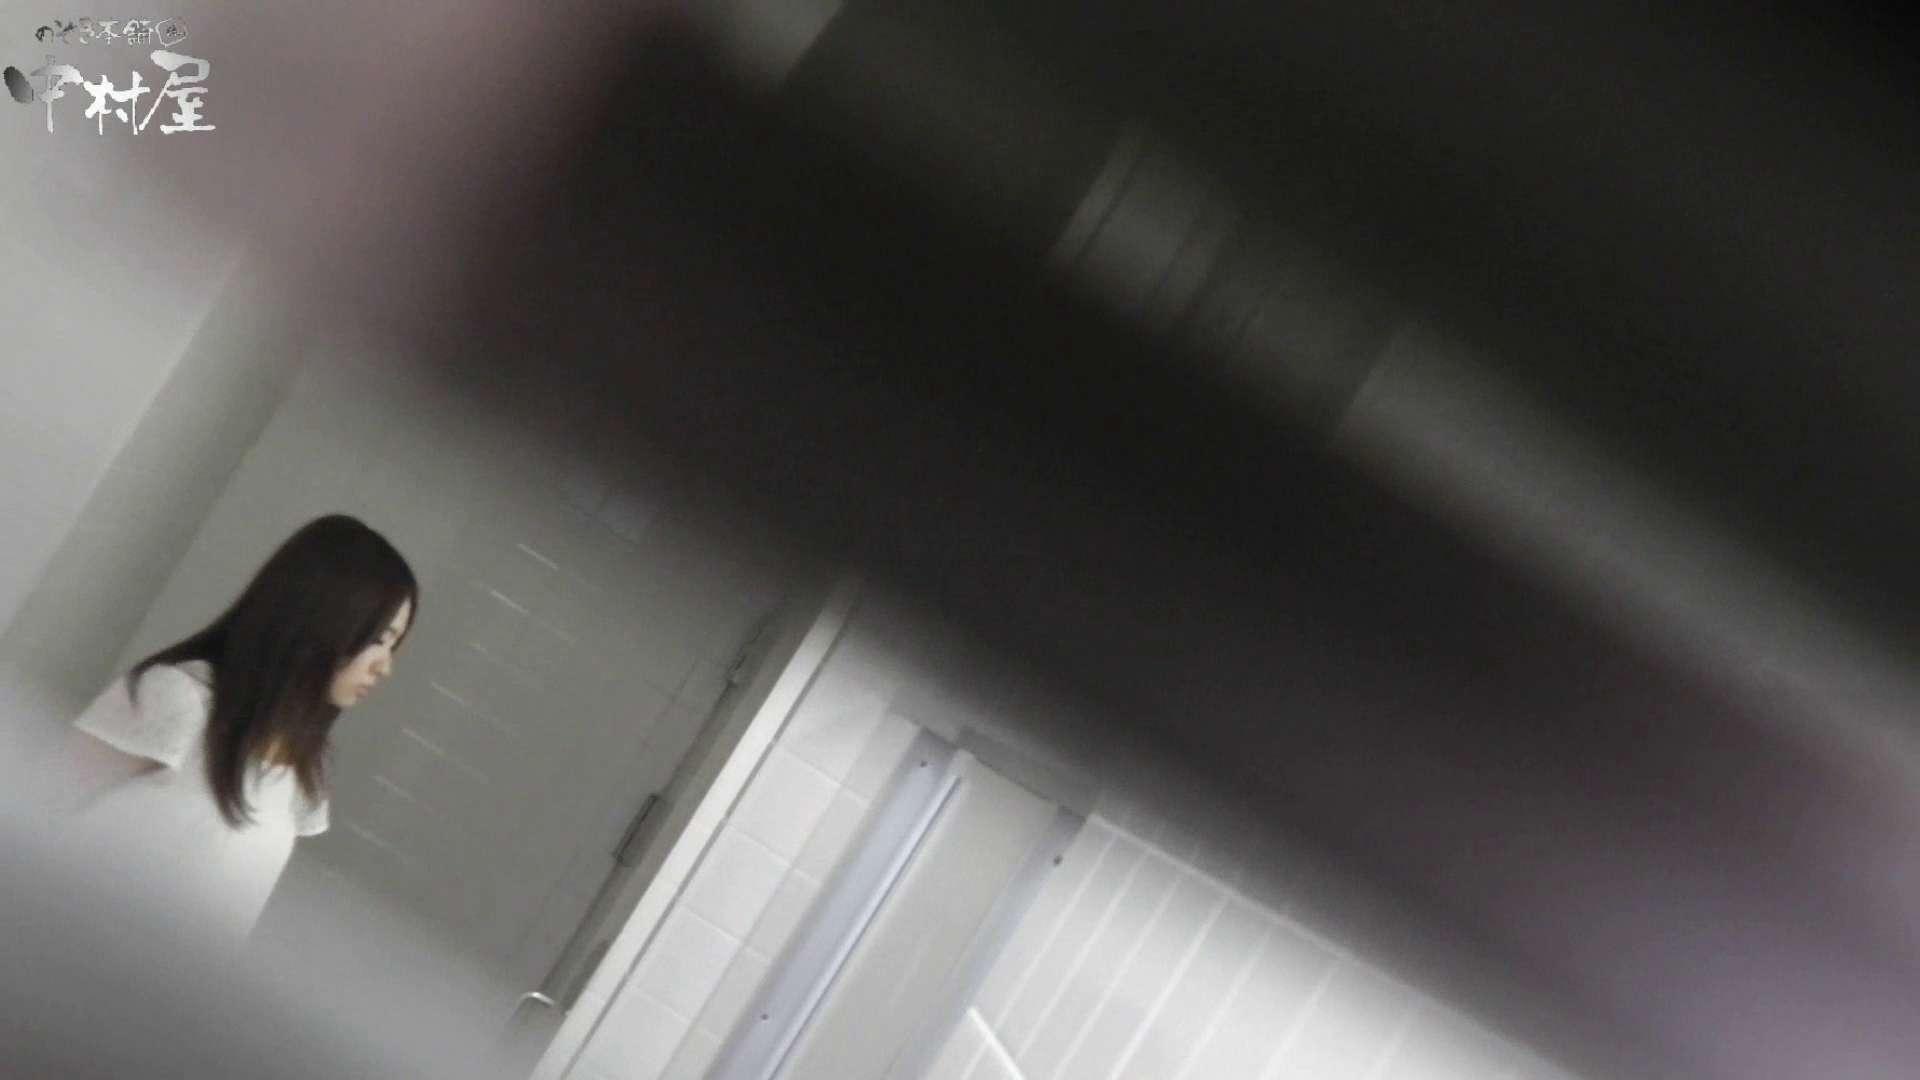 vol.46 命がけ潜伏洗面所! 横縞さんのわかめ酒 潜入 すけべAV動画紹介 101PIX 101